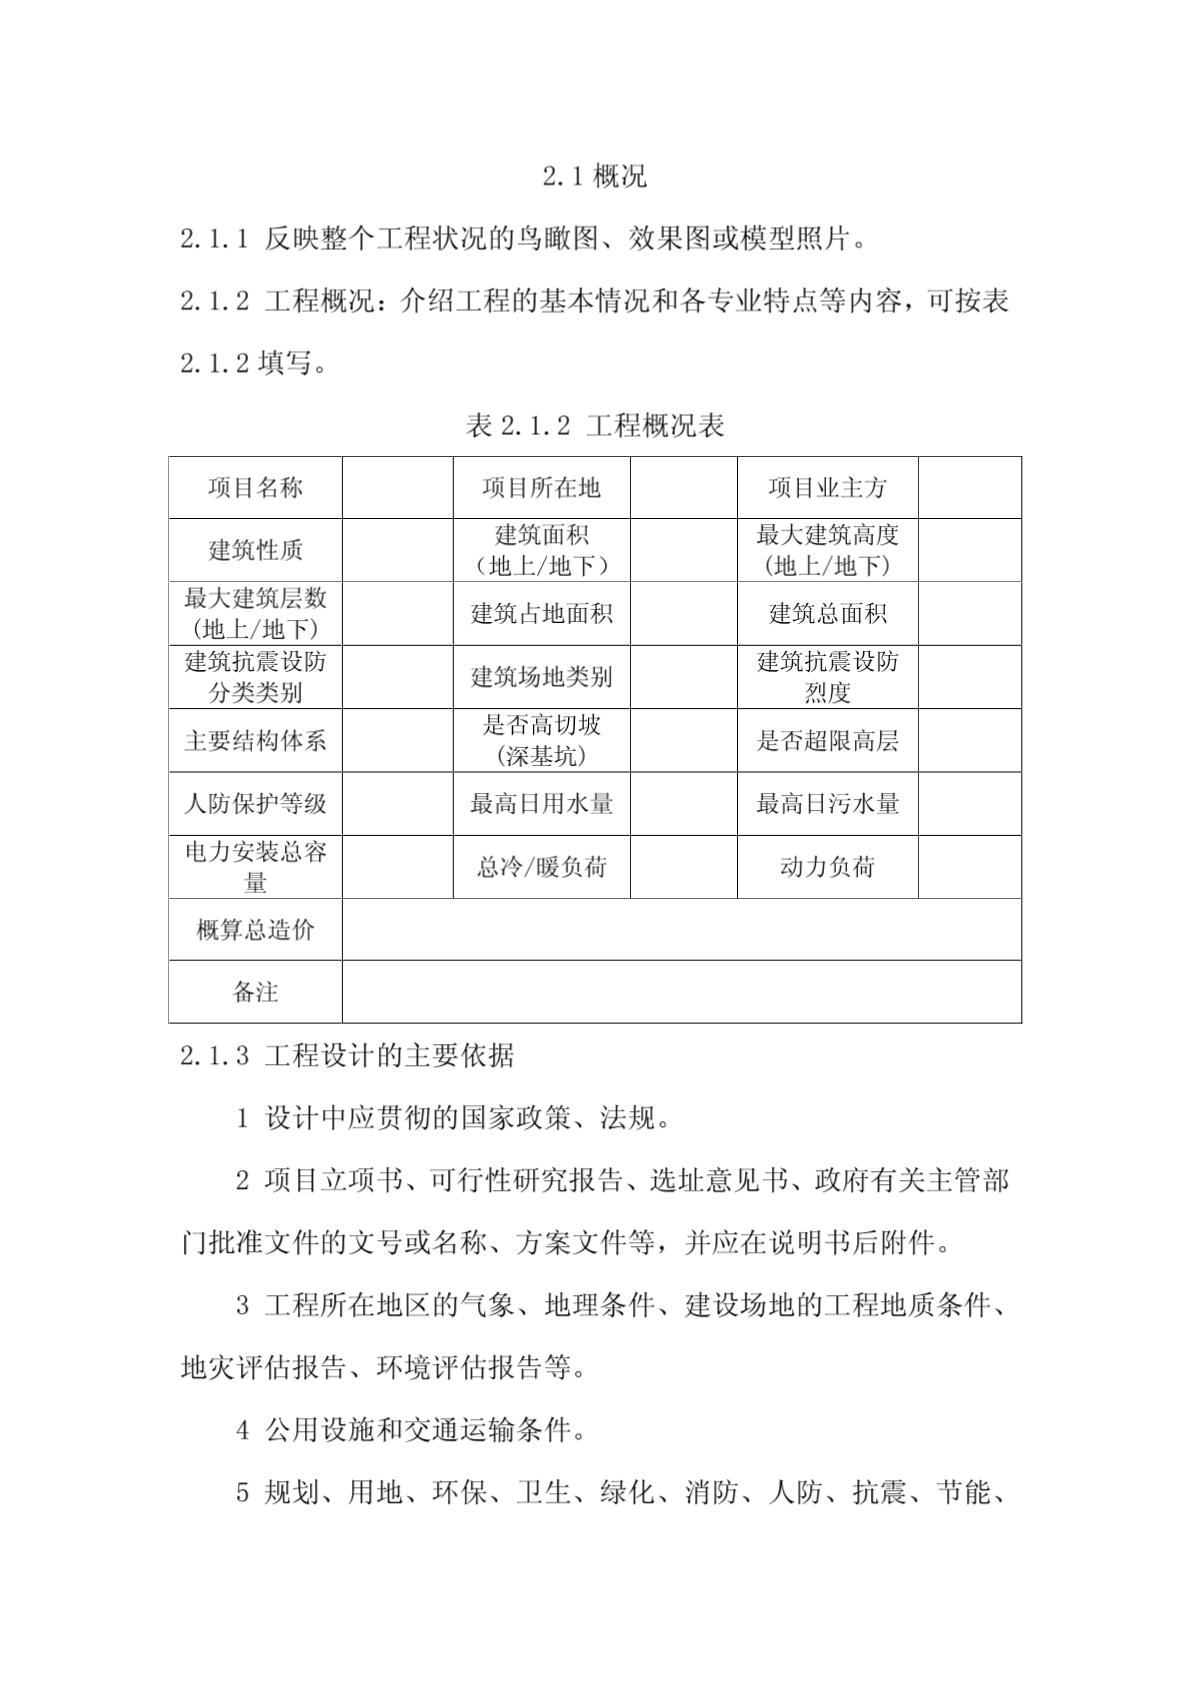 cmd重庆市建筑工程初步设计文件编制技术规定-图一